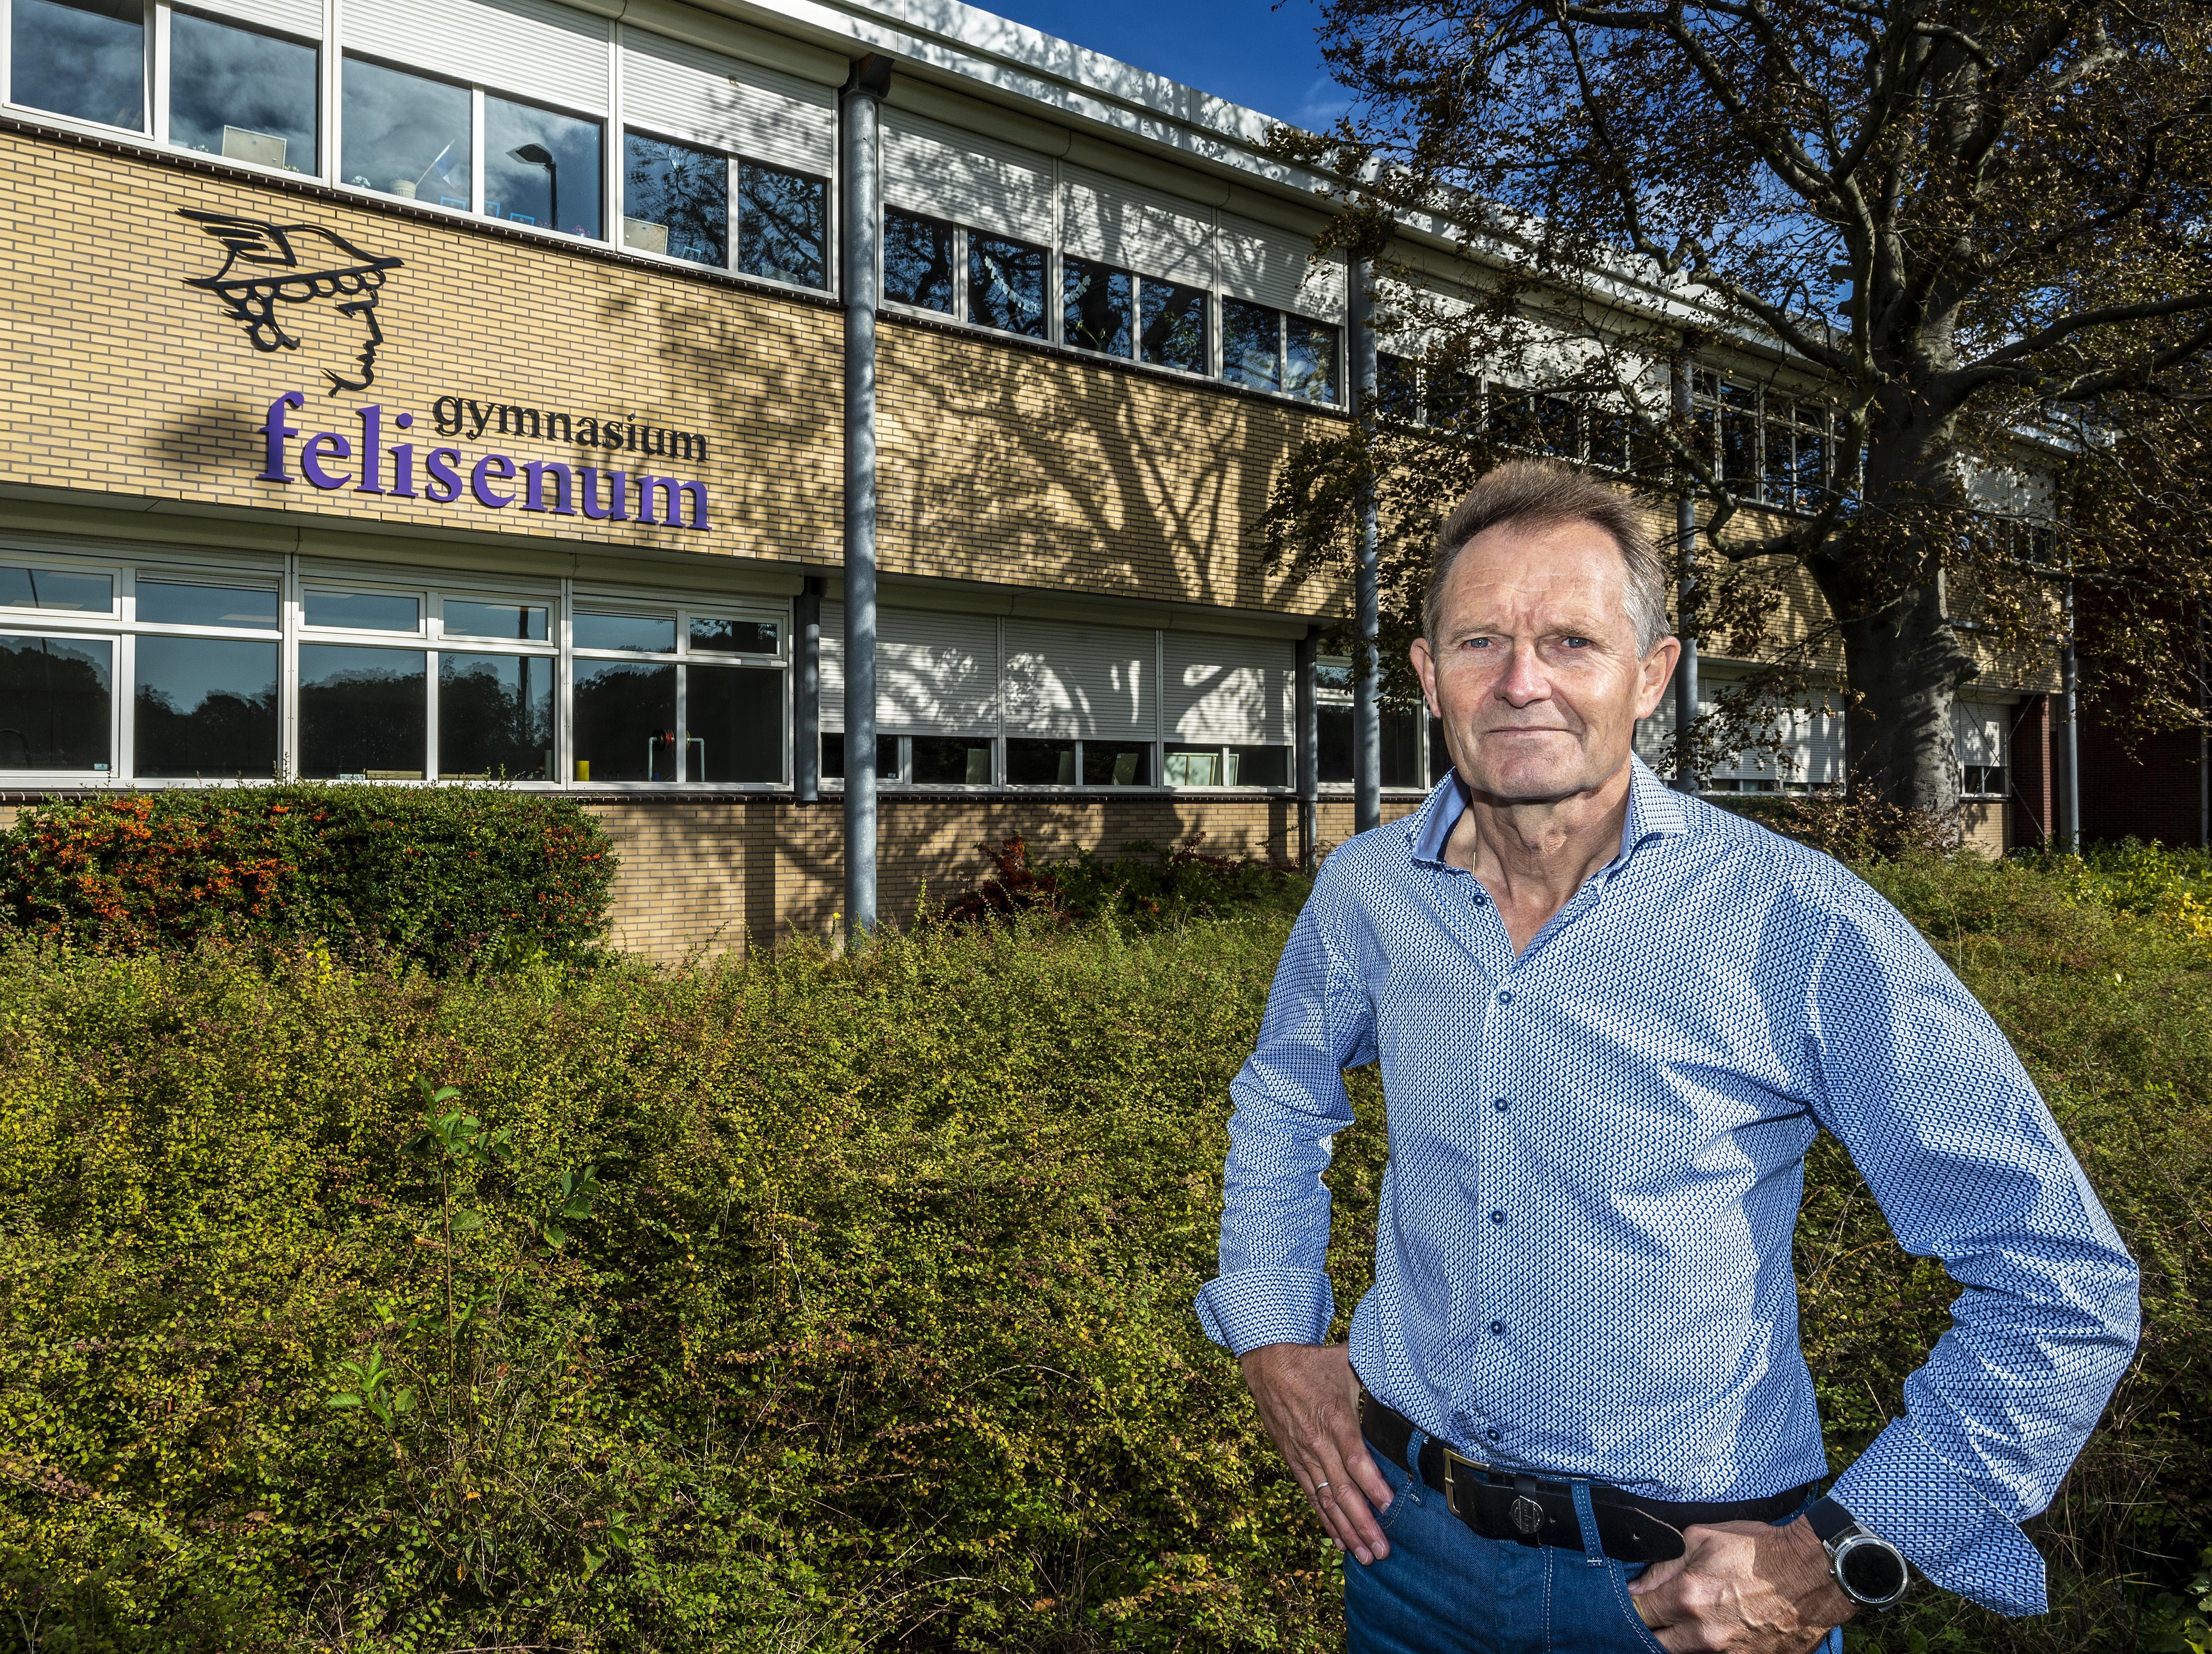 Gebouwenbeheerder en amanuensis Jan Steenhoek begon met het afbreken van het elitaire gedoe op het chique Gymnasium Felisenum in Velsen-Zuid. Hoe? Door koffie te drinken in de docentenkamer